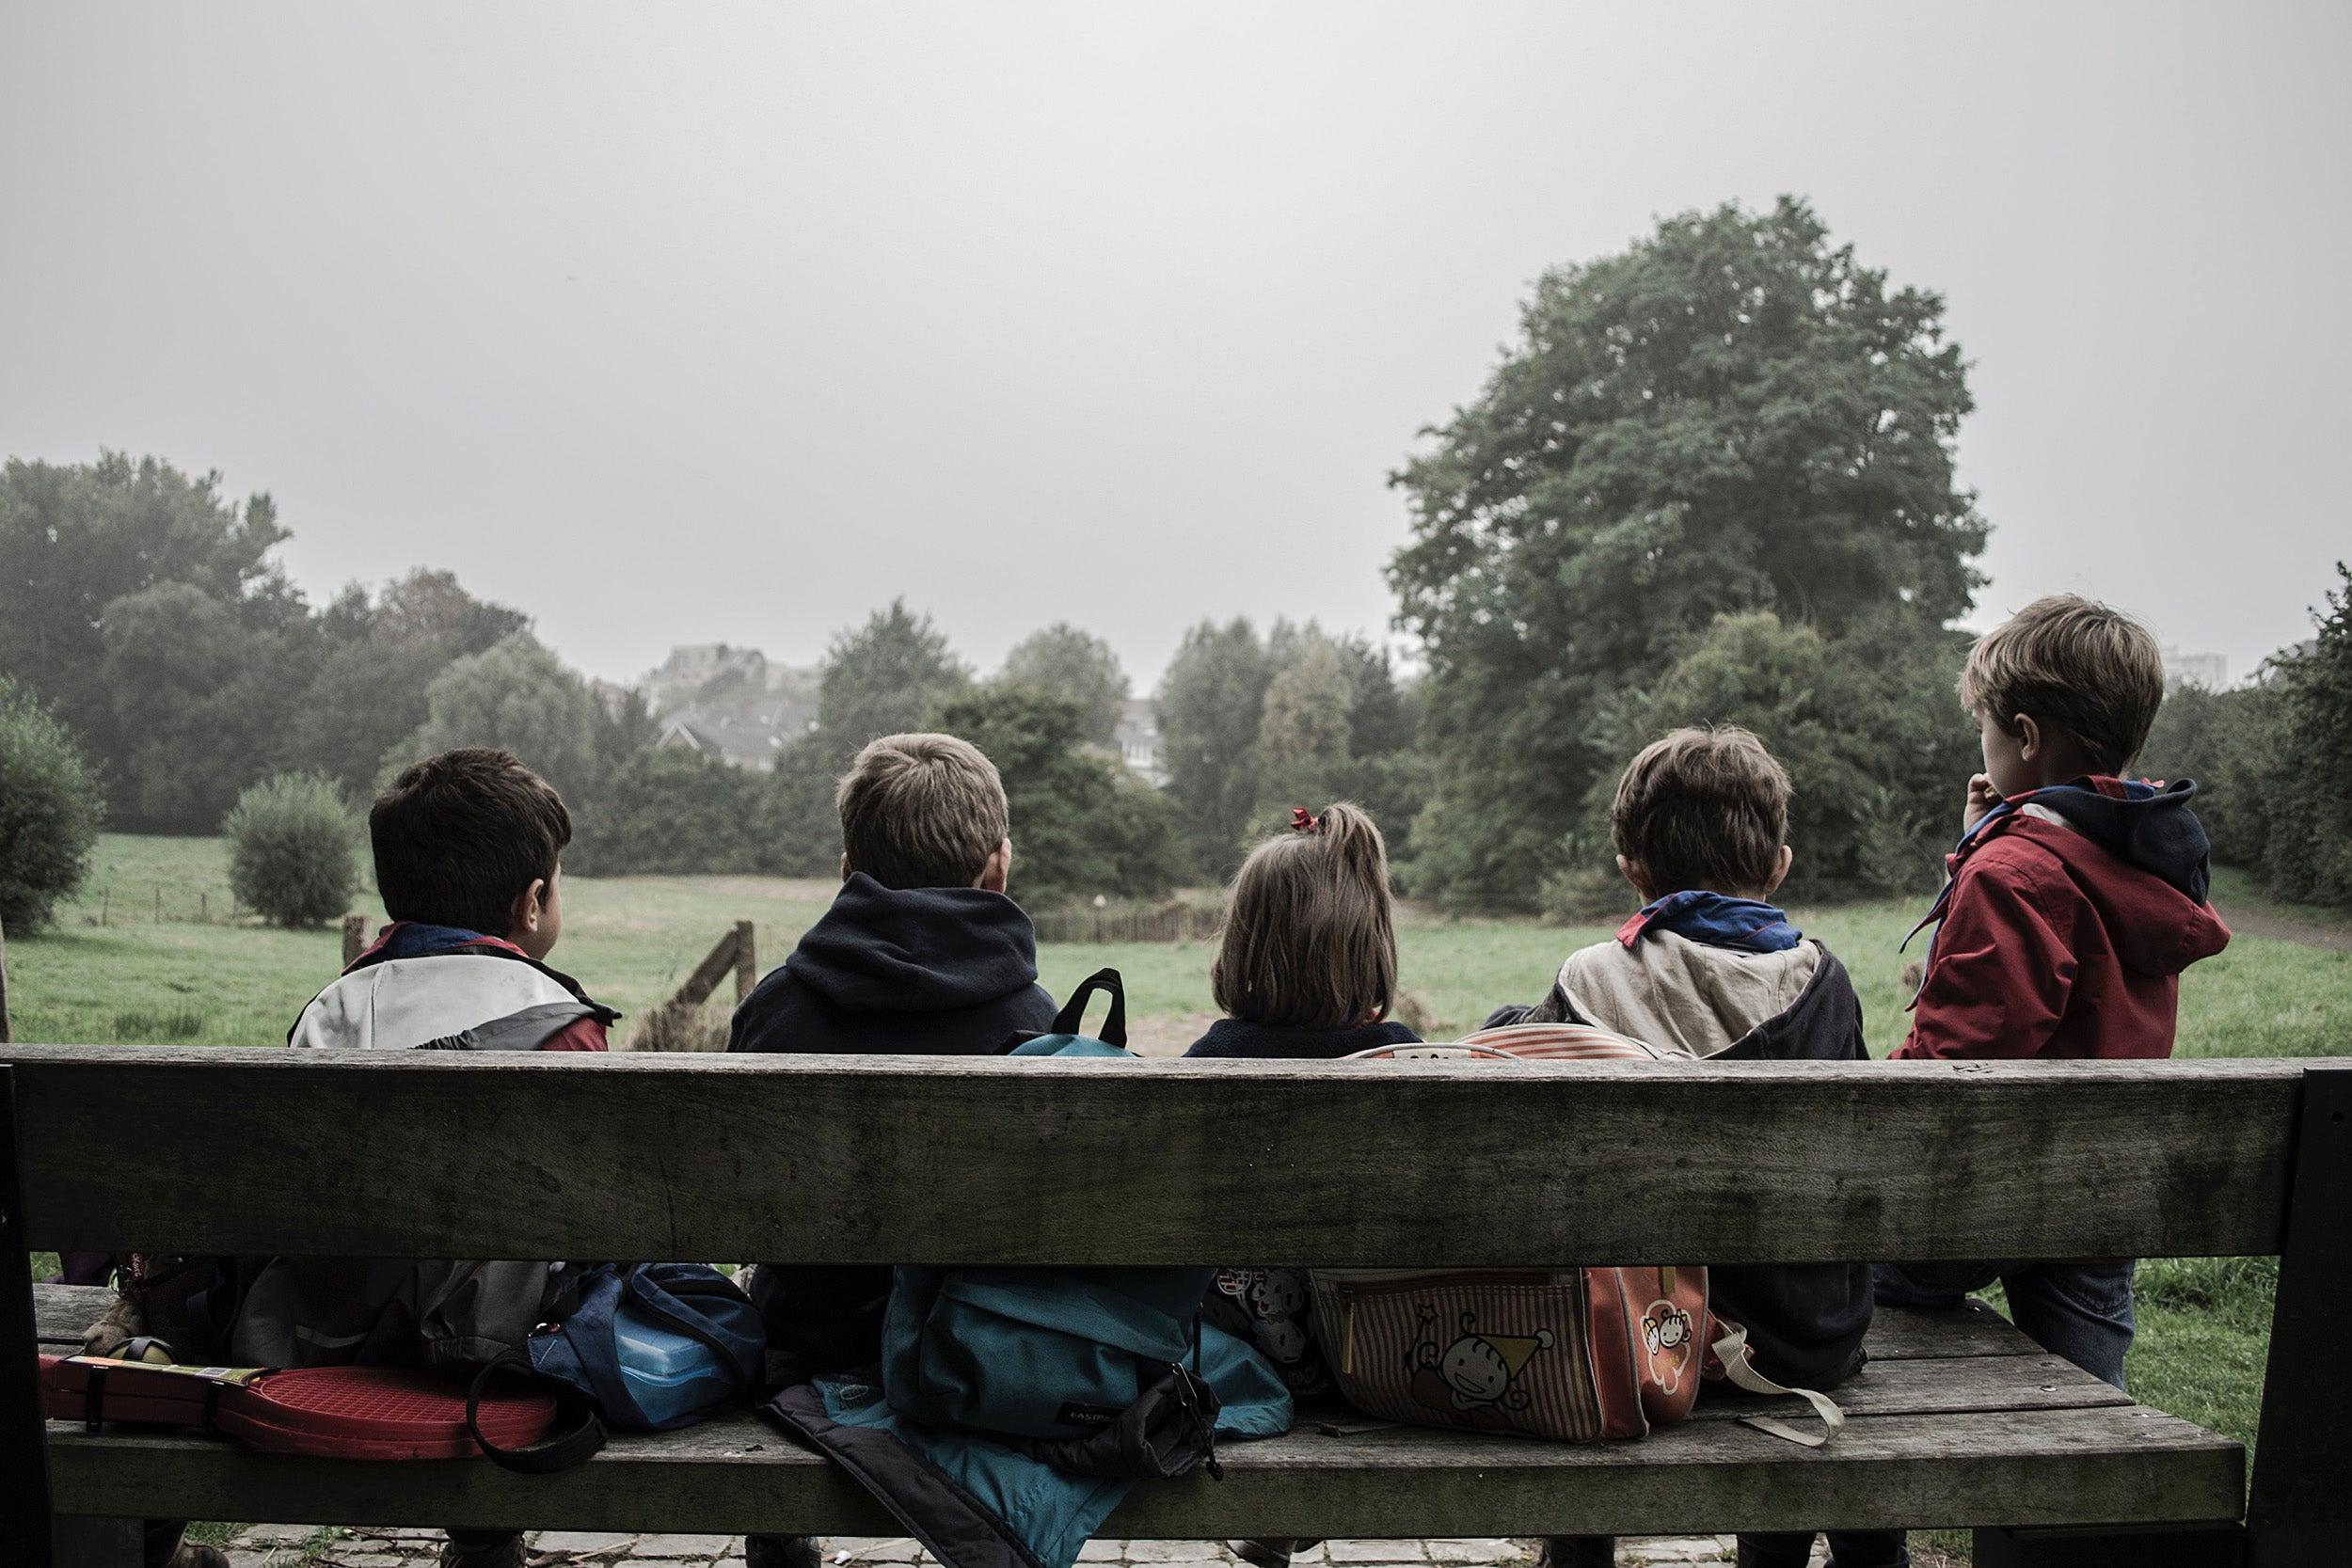 Children on a bench